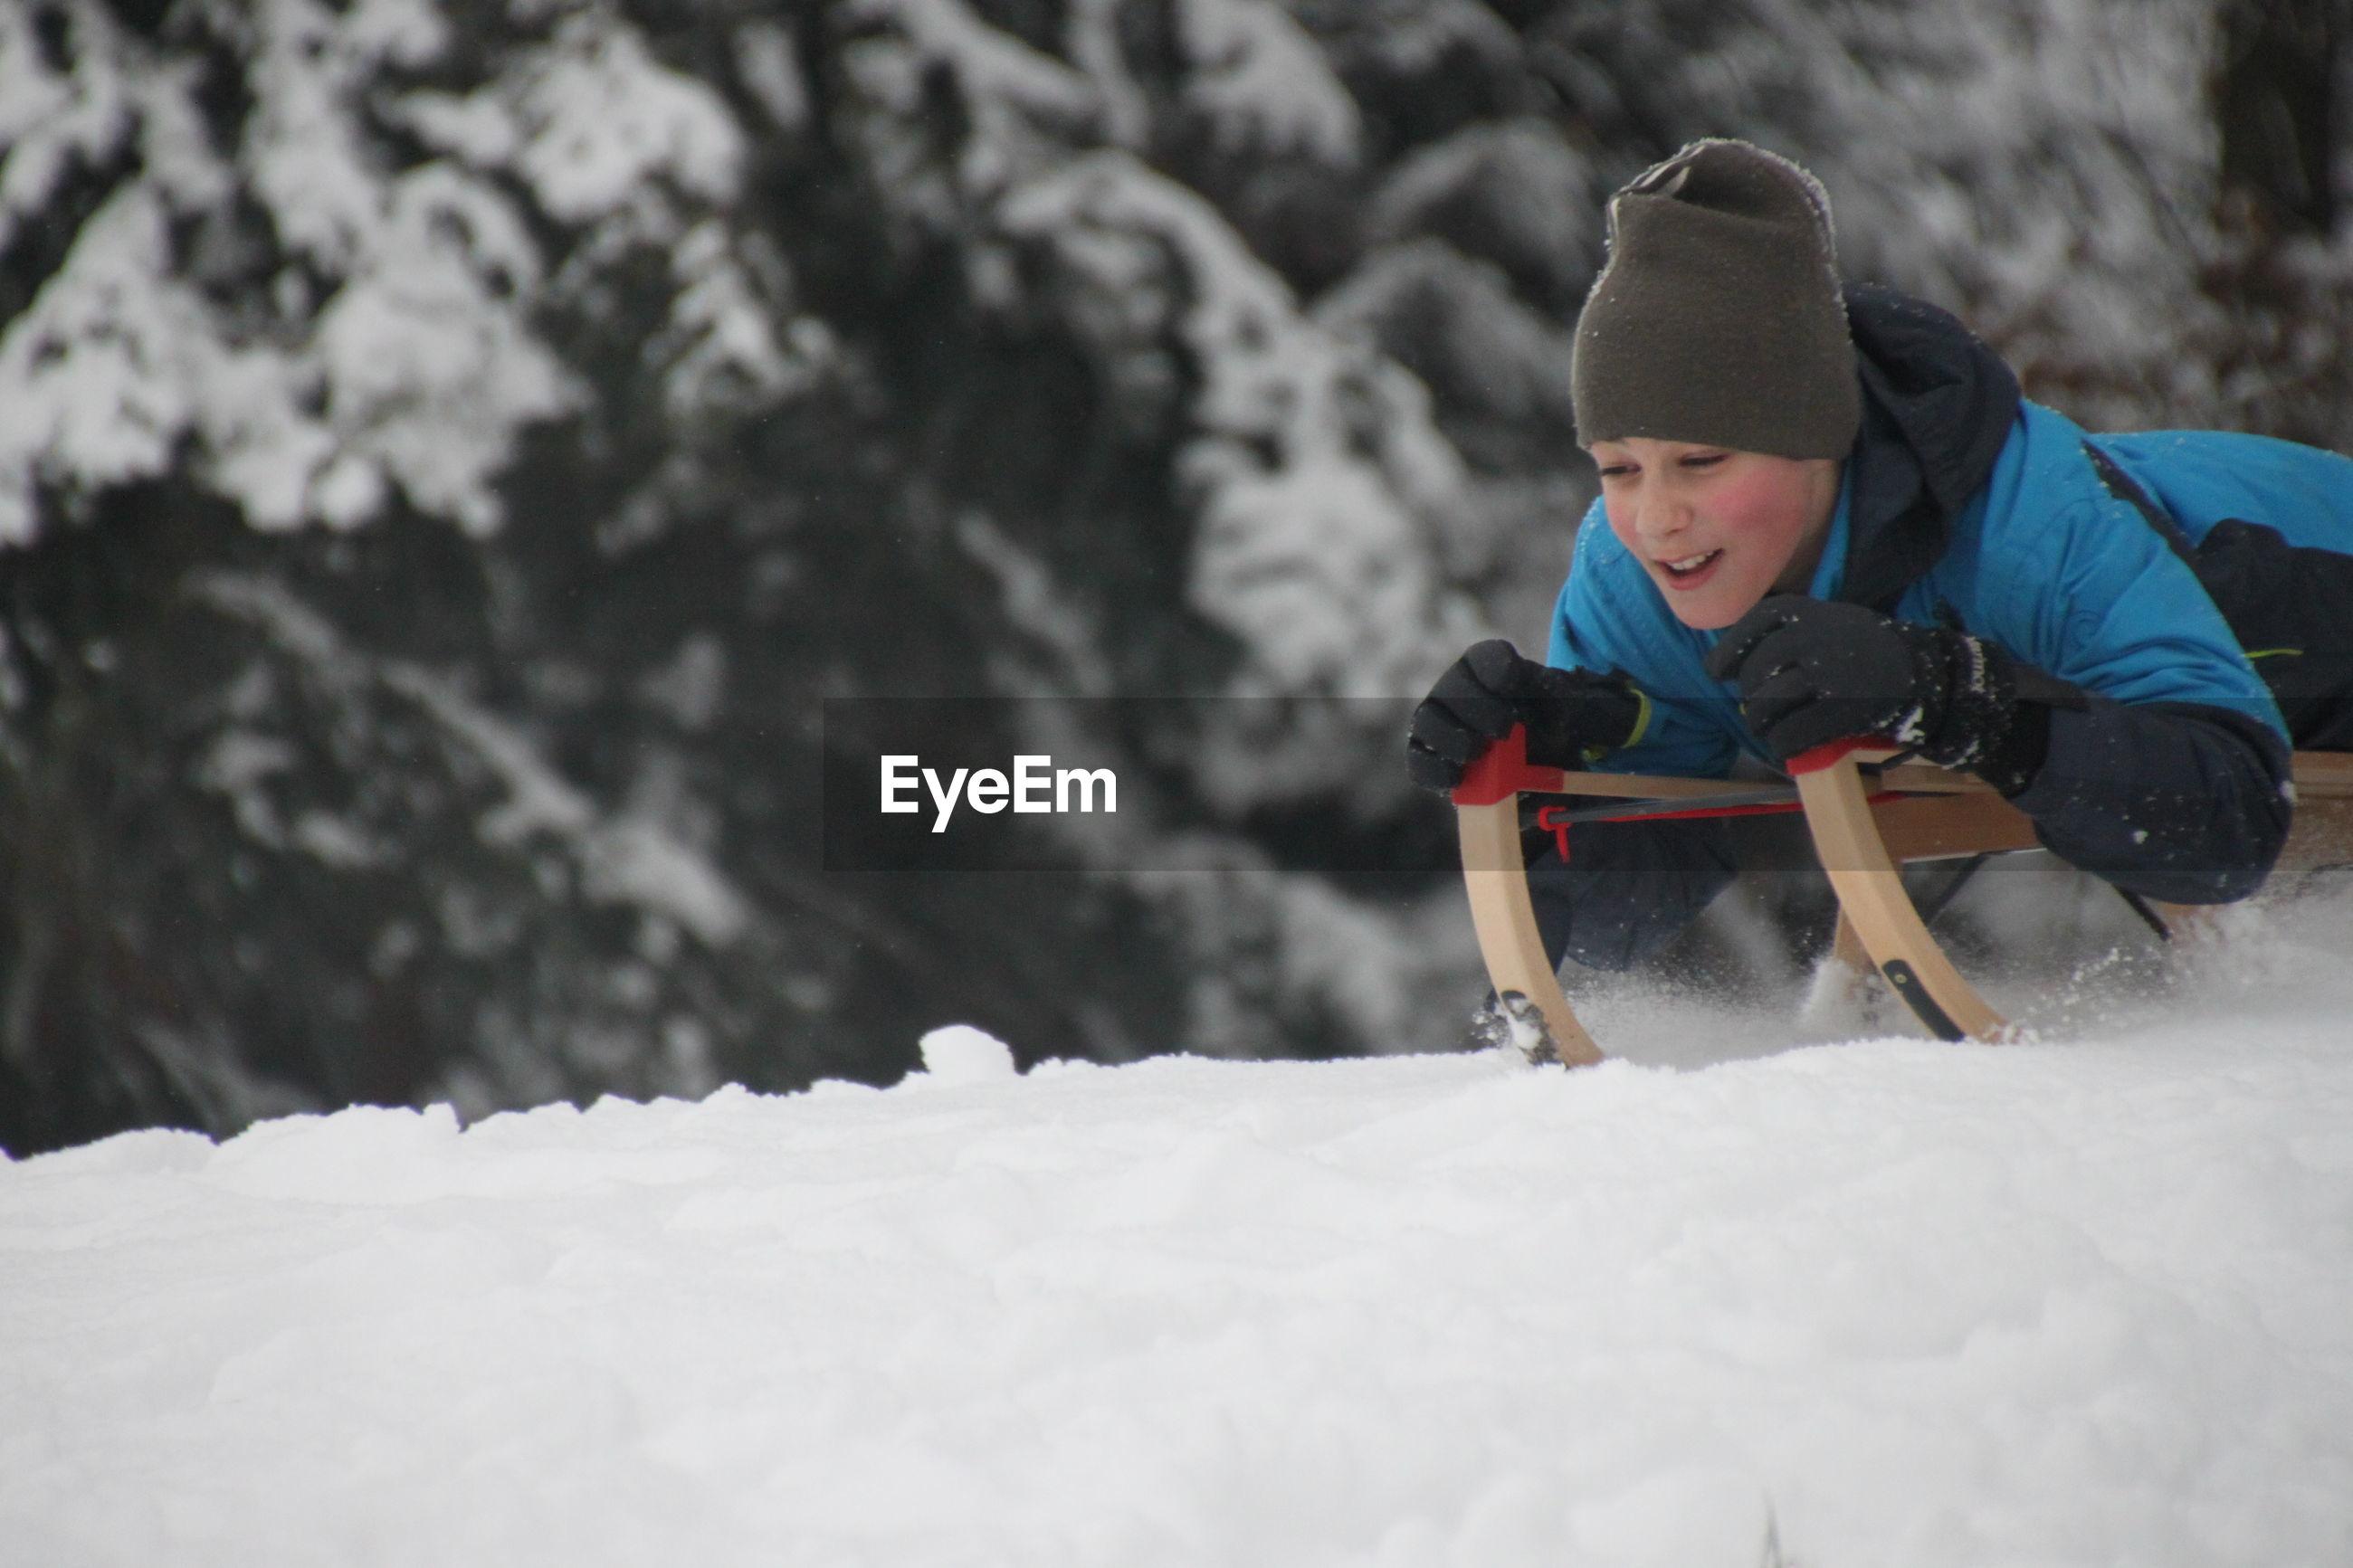 Boy tobogganing on snow covered landscape